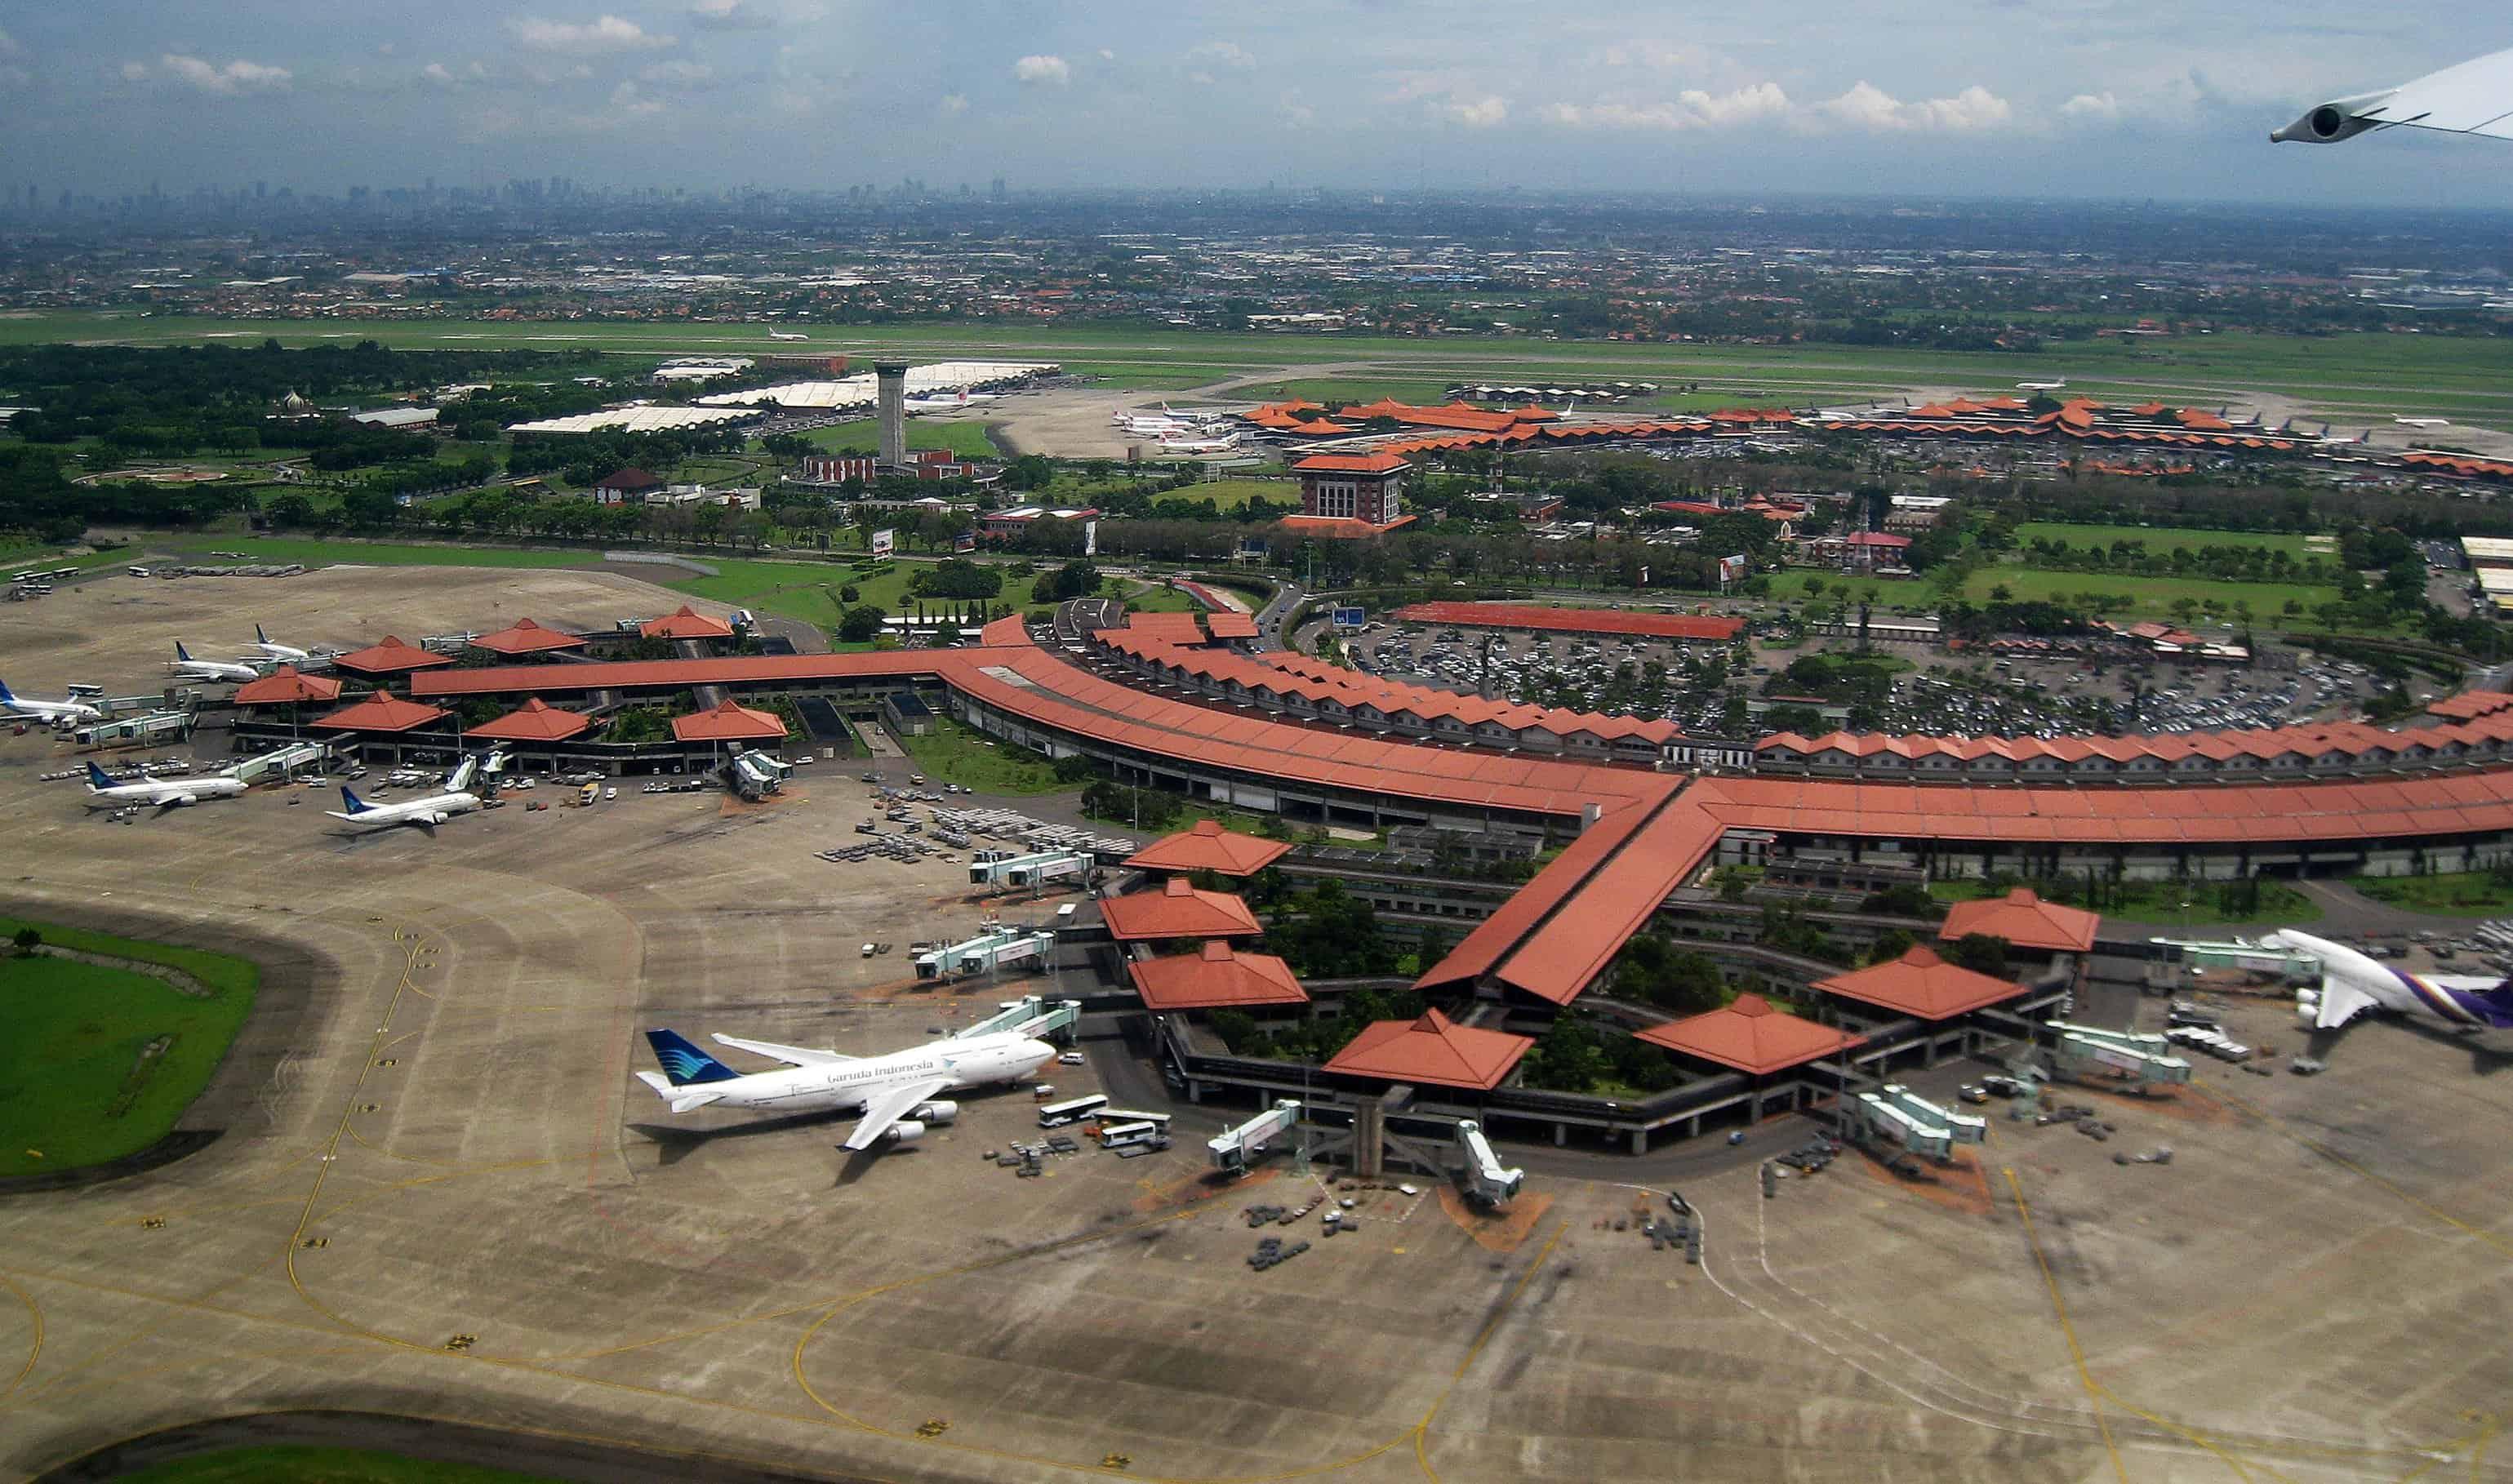 افضل 6 فنادق قريبة من مطار جاكرتا 2020